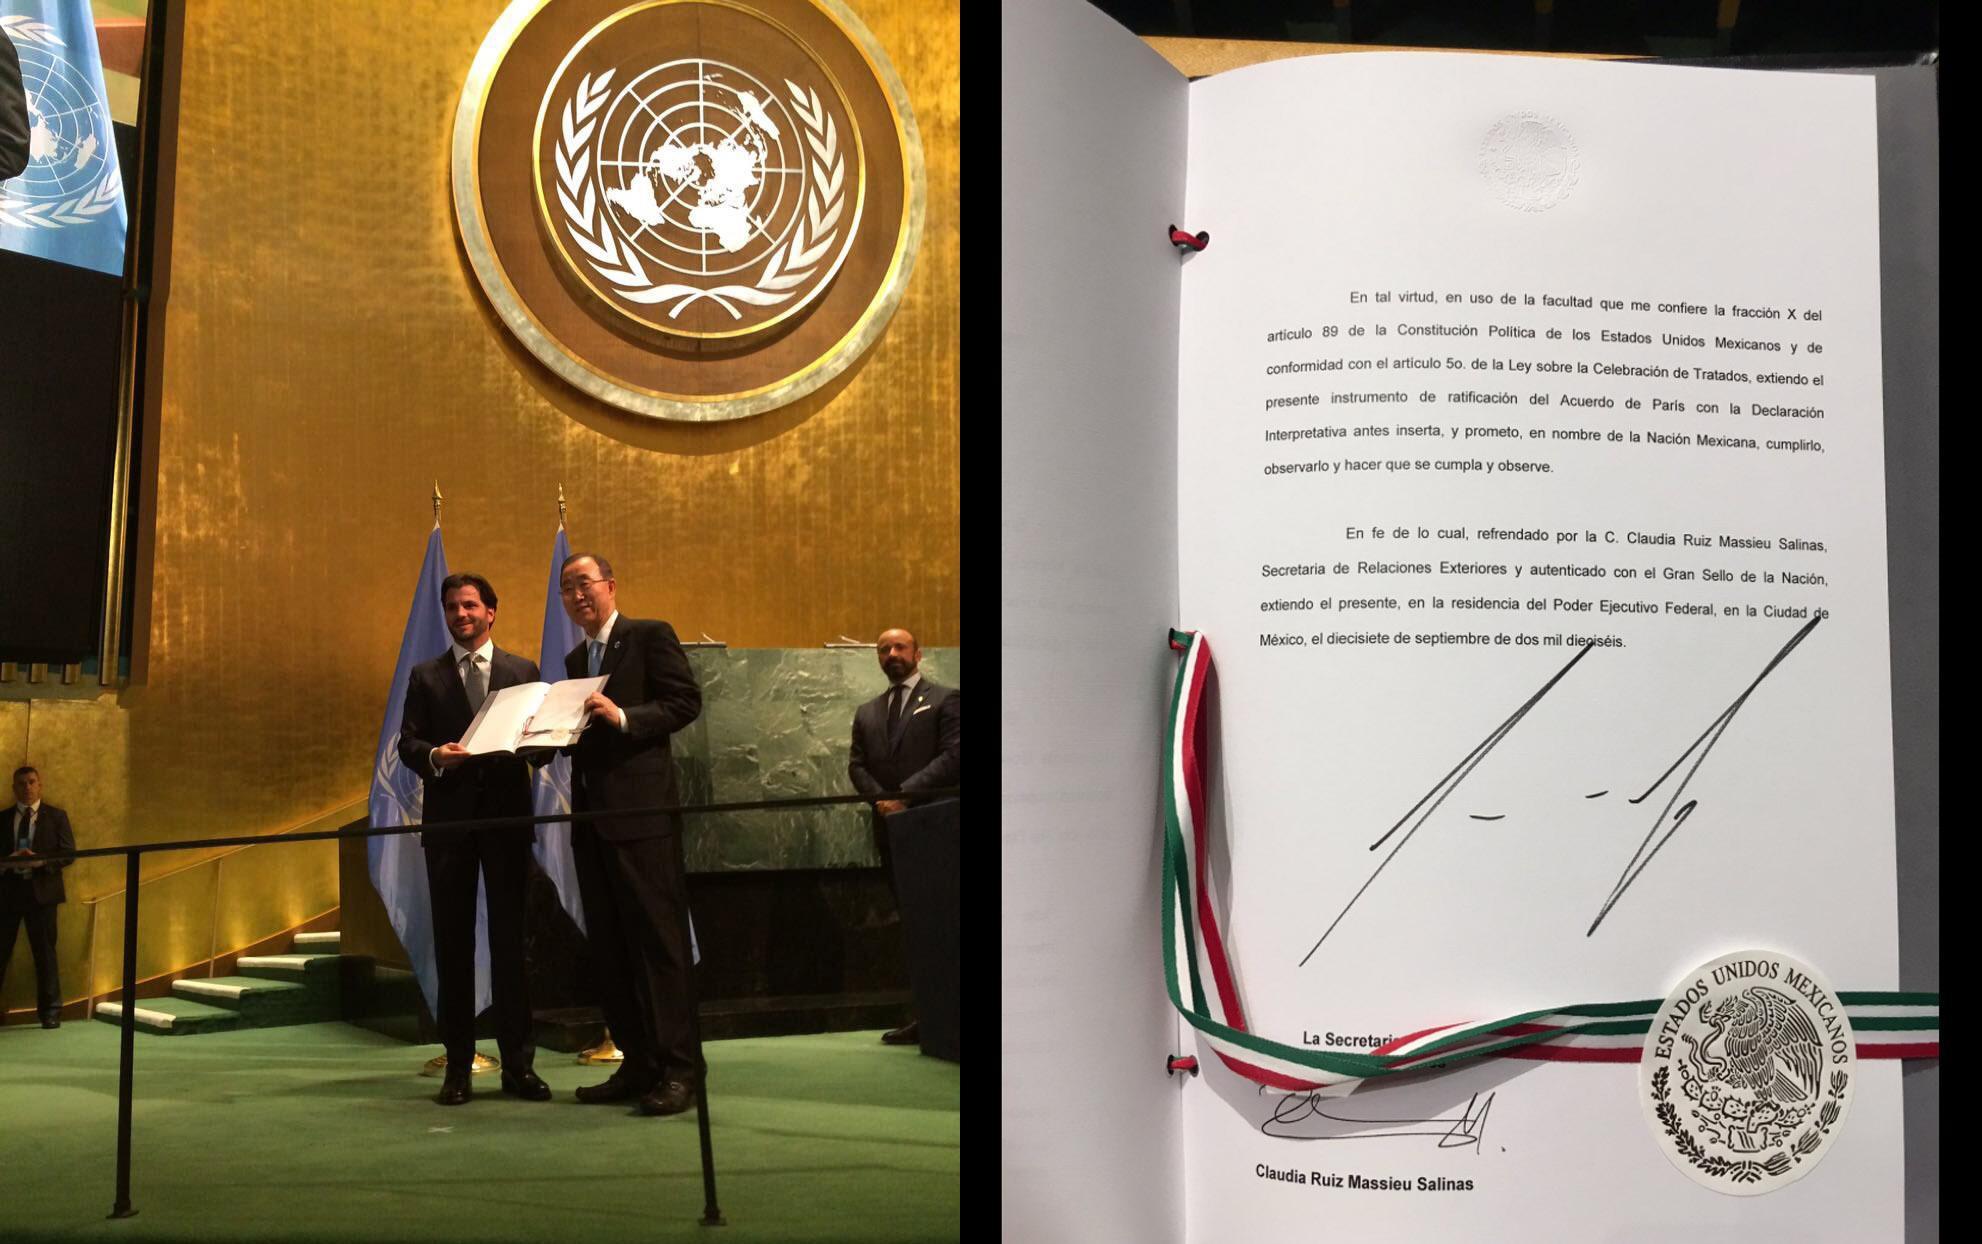 Elsecretario de Medio Ambiente y Recursos Naturales, Rafael Pacchiano Alamán,entregó al Secretario General de laONU, Ban Ki-moon, la ratificación de elAcuerdo de París sobre Cambio Climático.